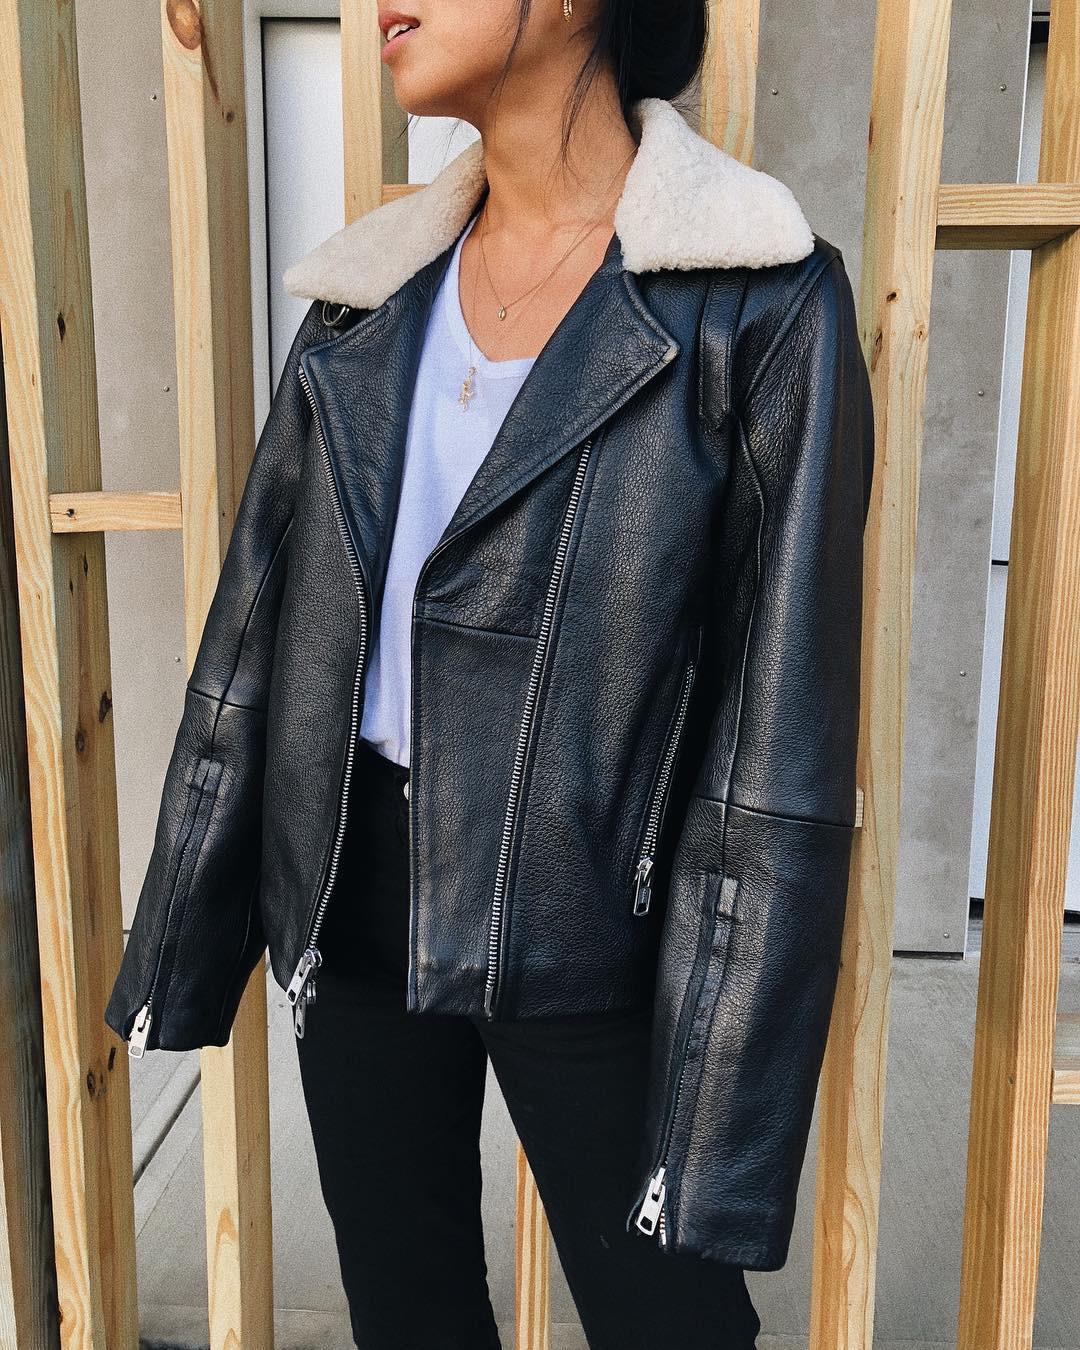 Trời đã vào đông, các nàng hãy cập nhật ngay 4 mẫu áo khoác đang hot nhất MXH để không bị lạc mốt - Ảnh 5